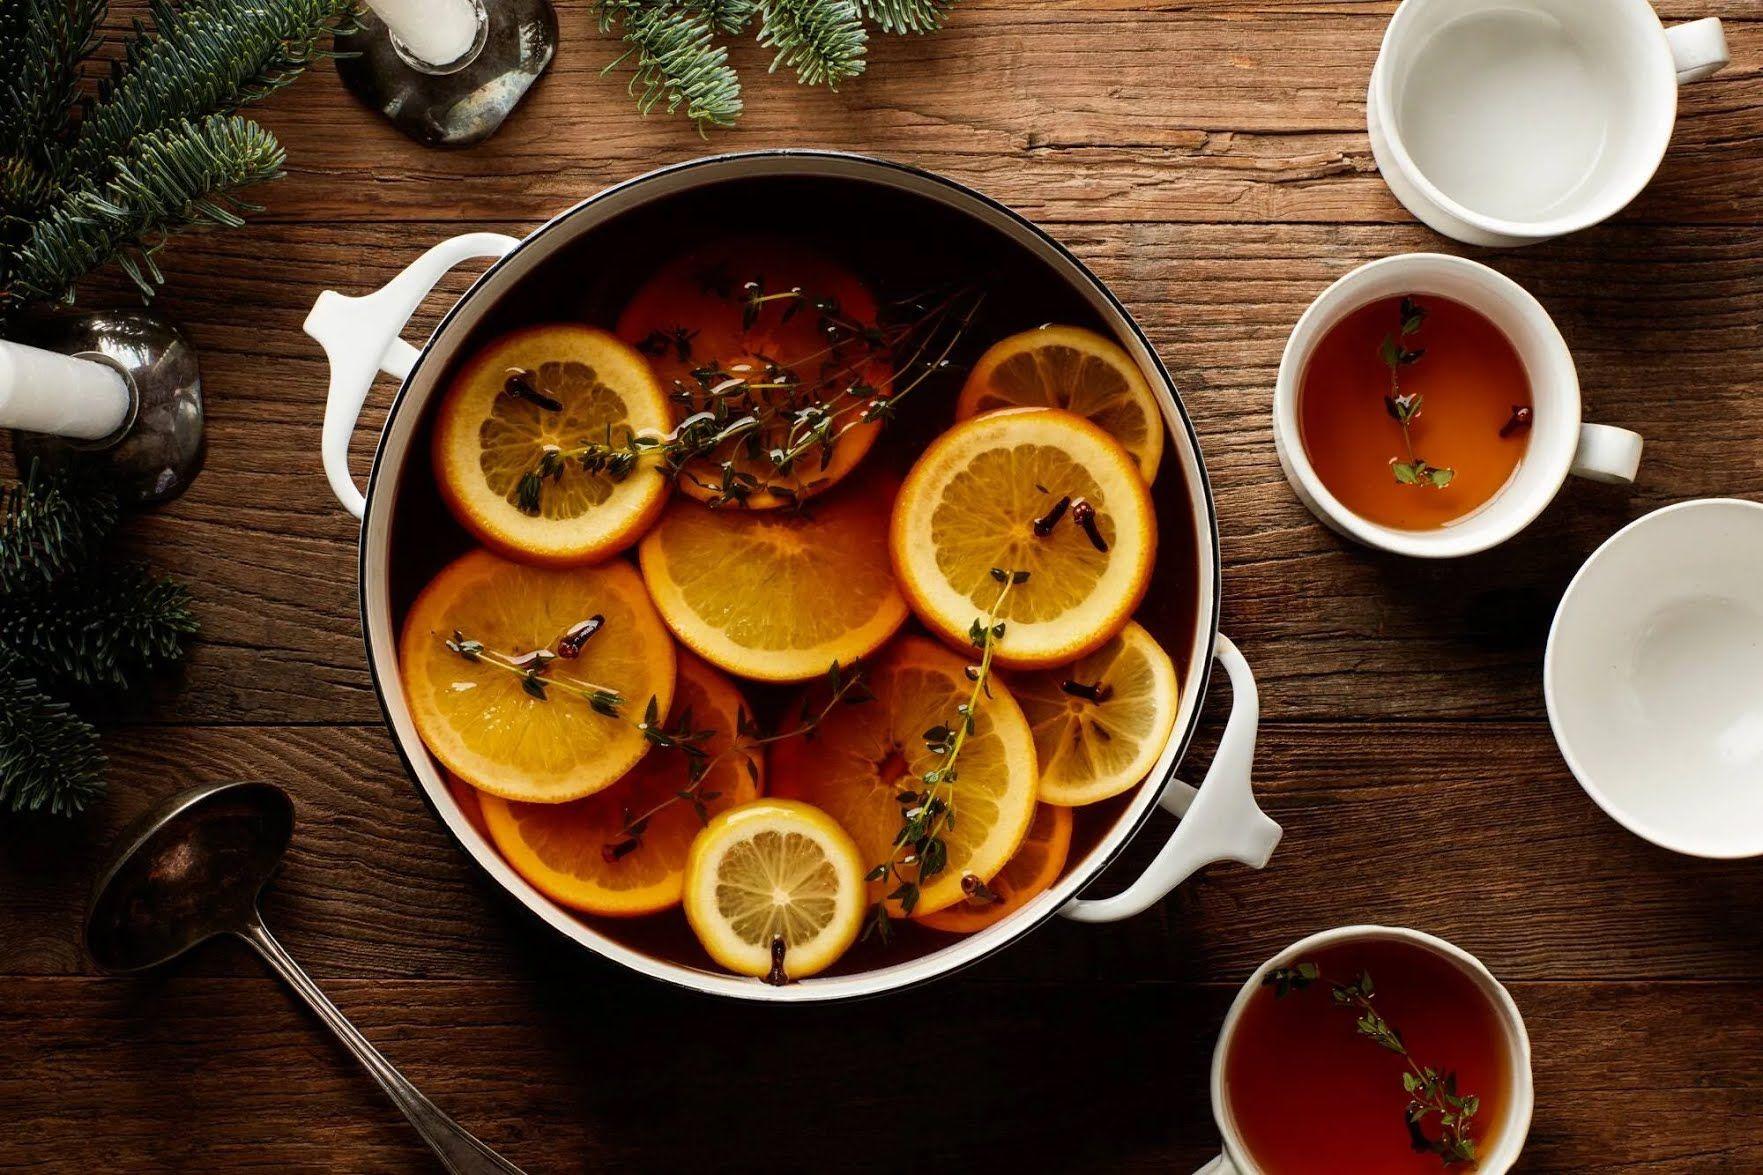 Цукор у рецепті можна замінити на мед або сироп.